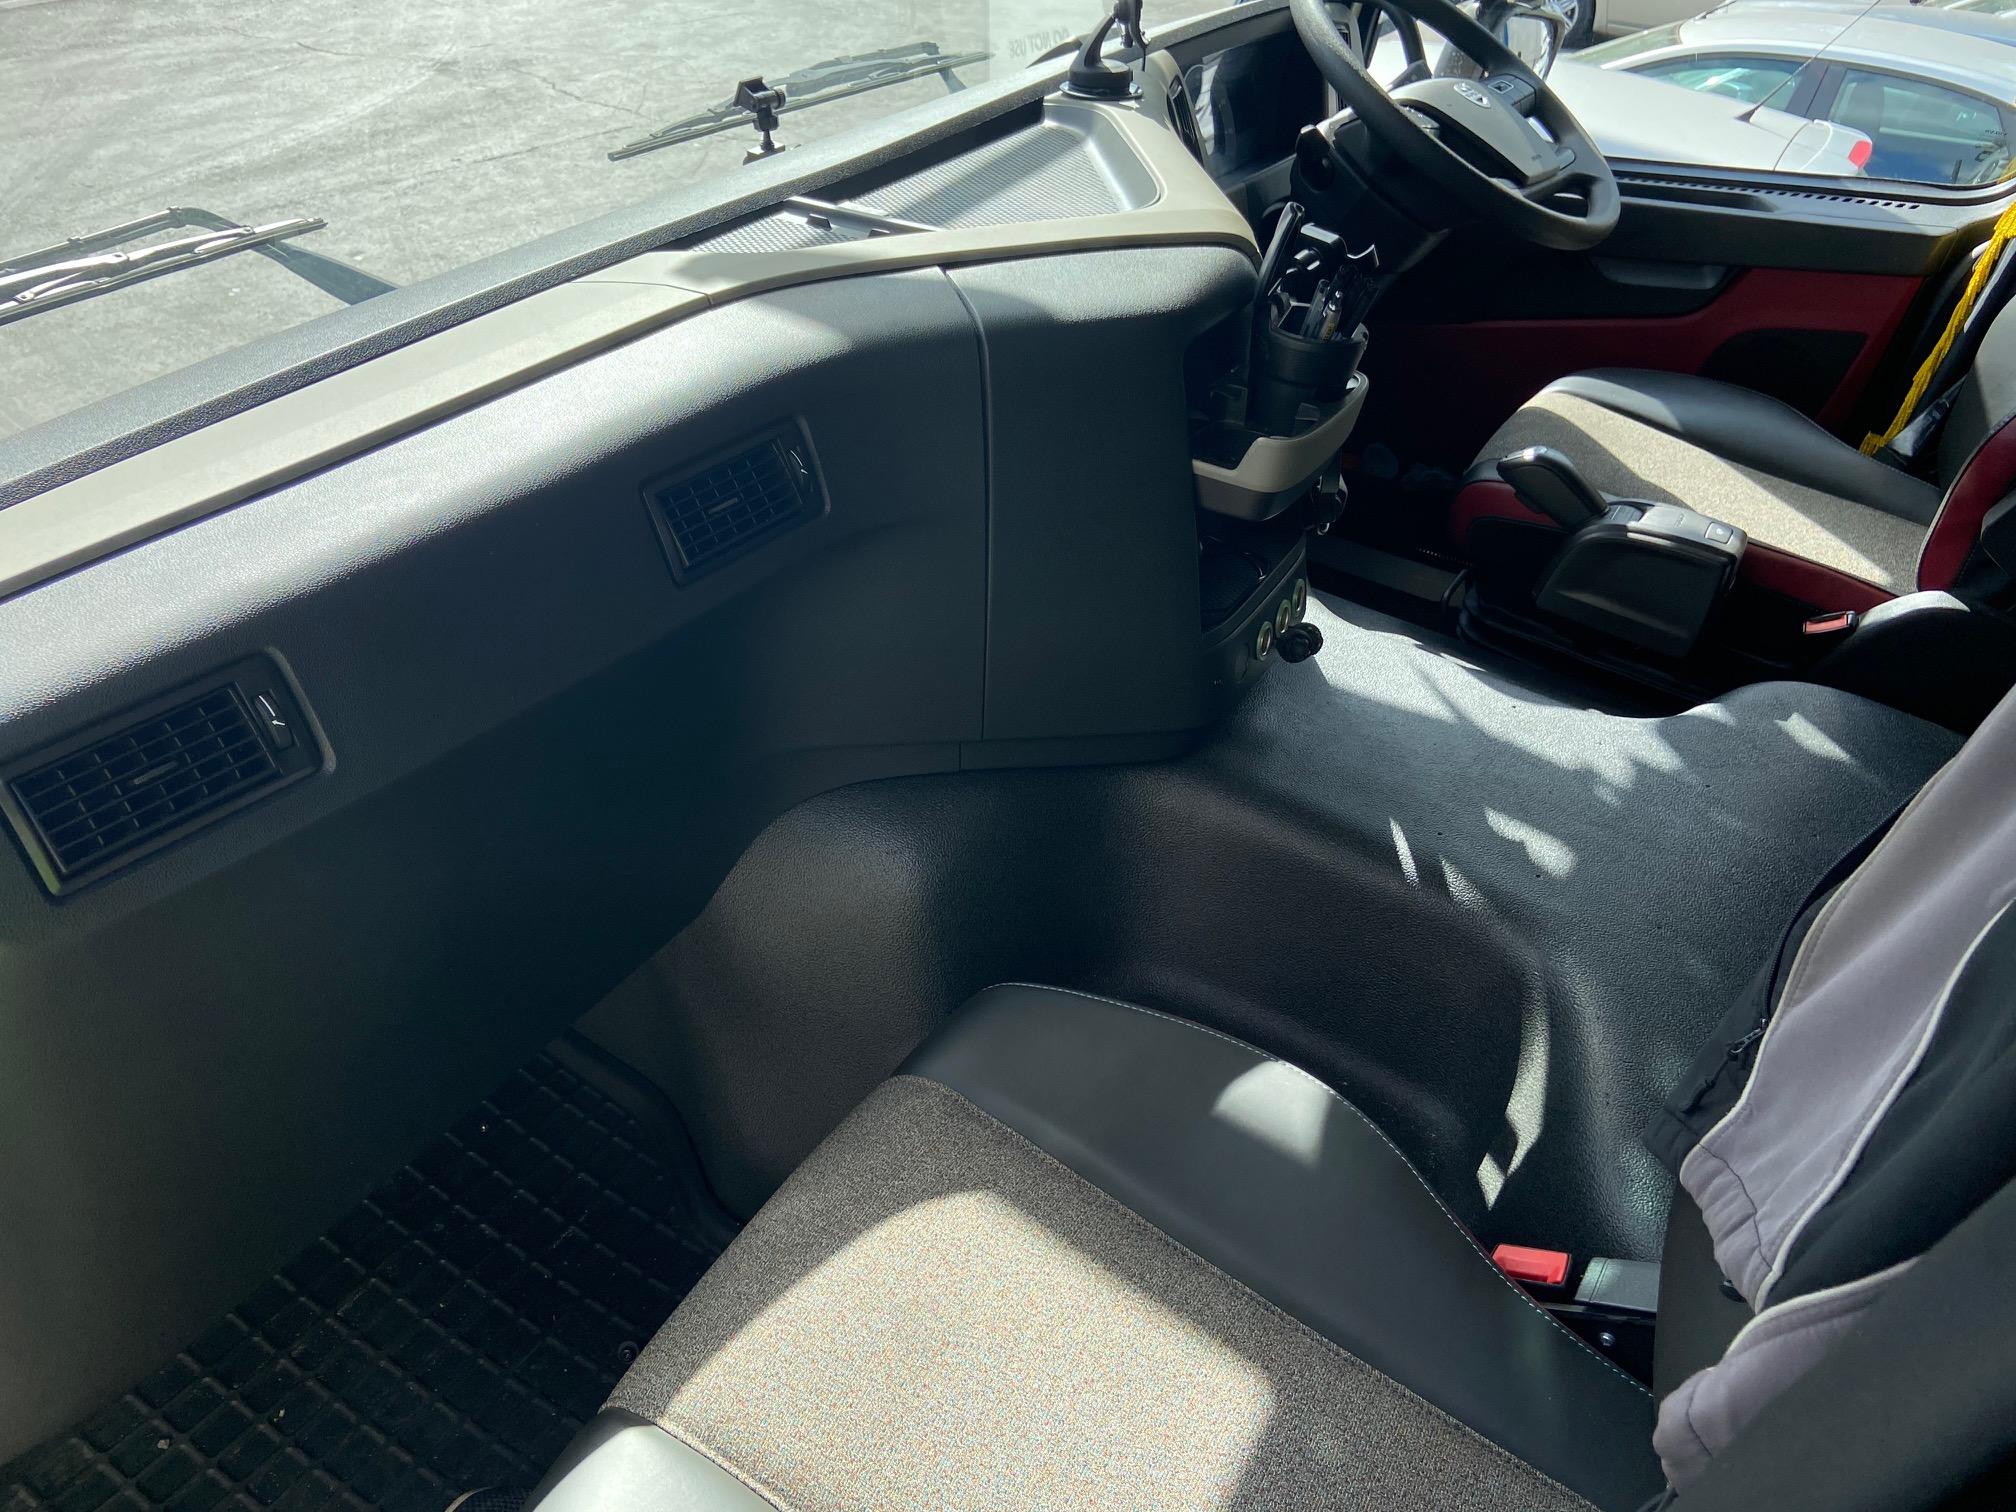 2019 '69' Volvo FM420 (Sleeper Cab) – 11 Car